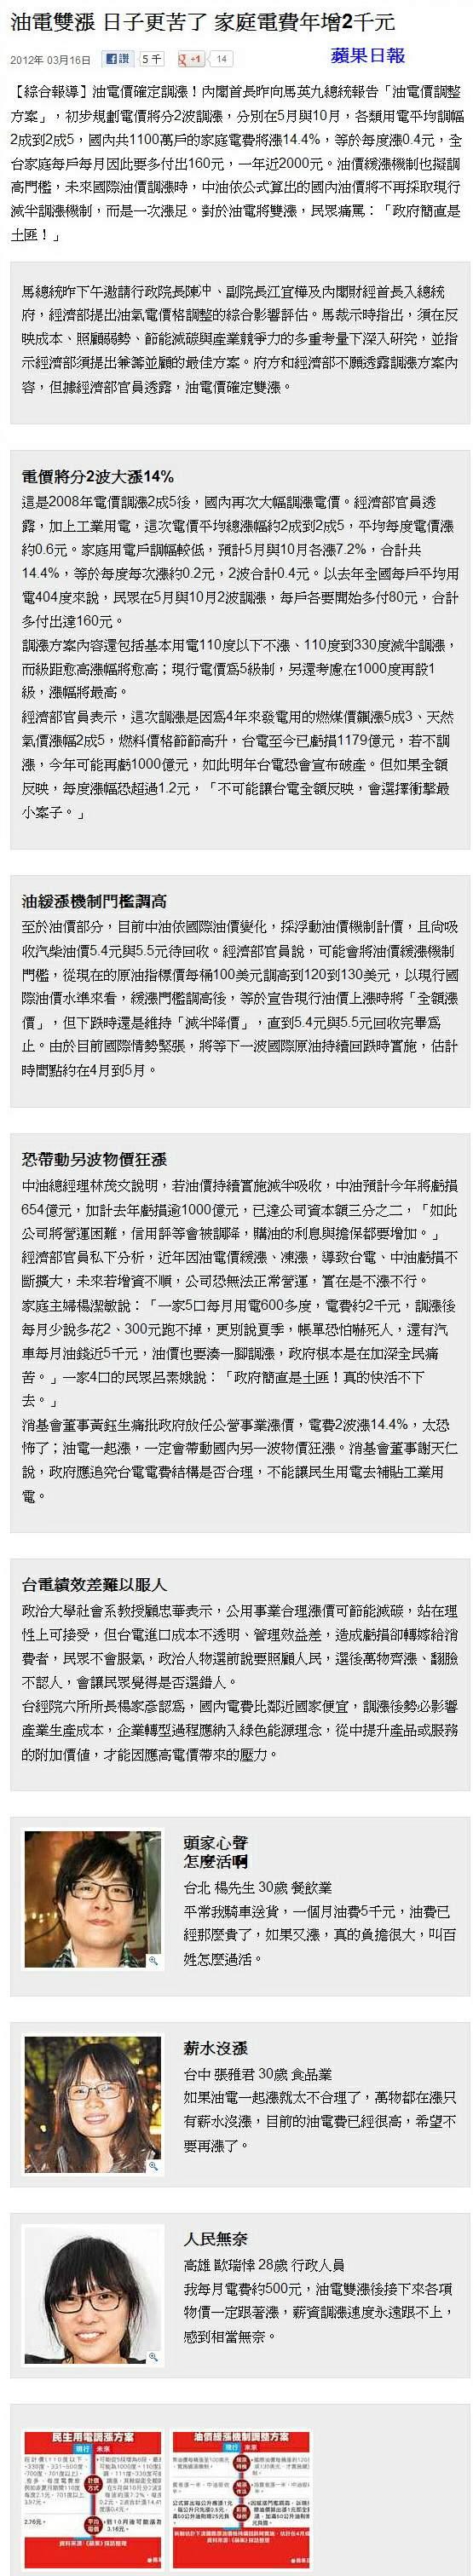 油電雙漲 日子更苦了 家庭電費年增2千元-2012.03.16-03